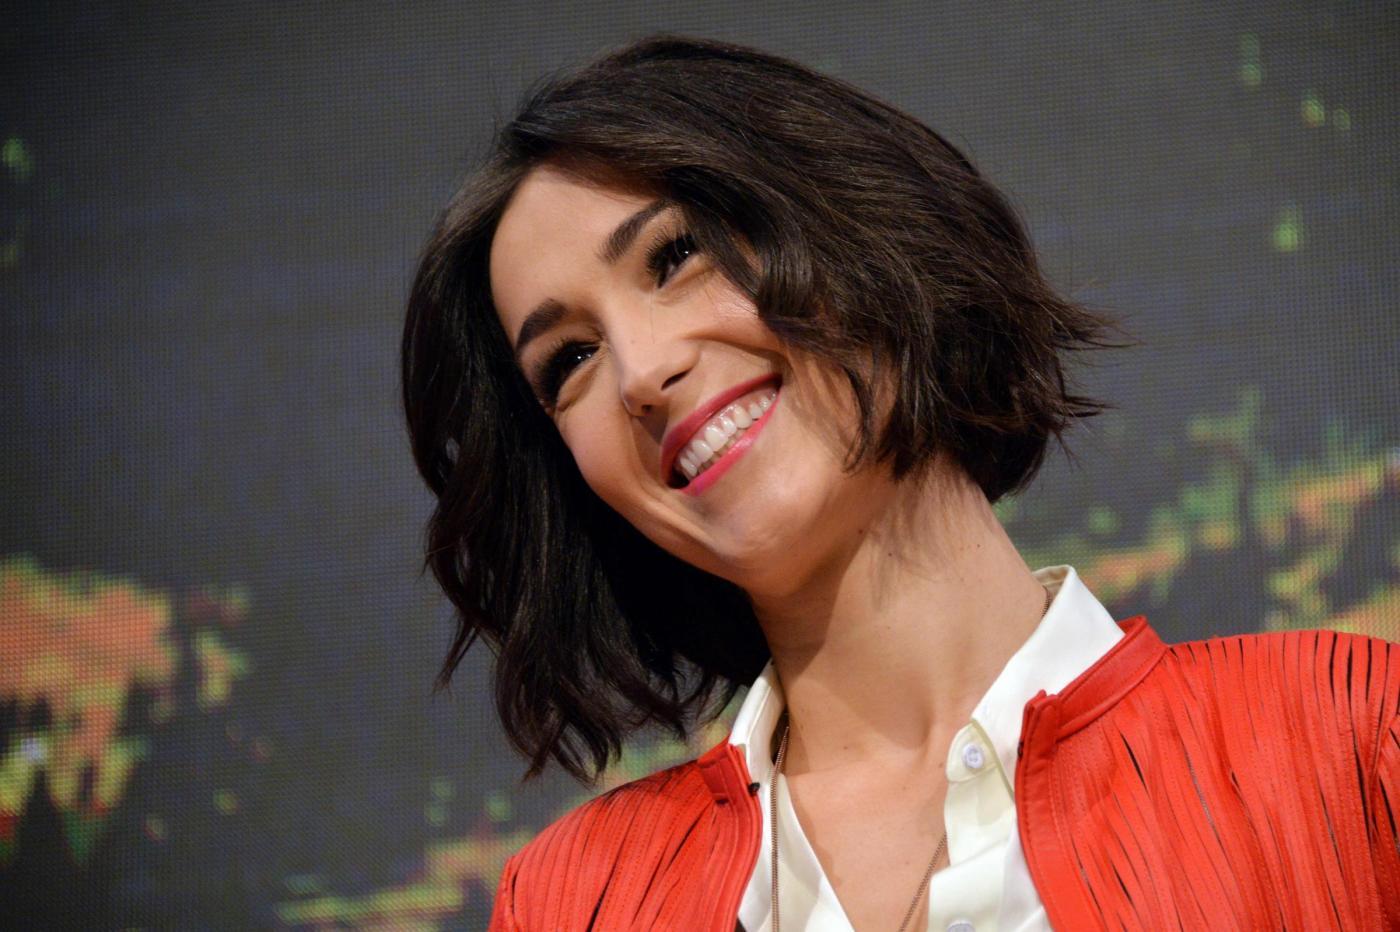 Caterina Balivo su Monte Bianco: 'Sono entusiasta di questo progetto, l'avrei fatto anche da concorrente' [INTERVISTA]